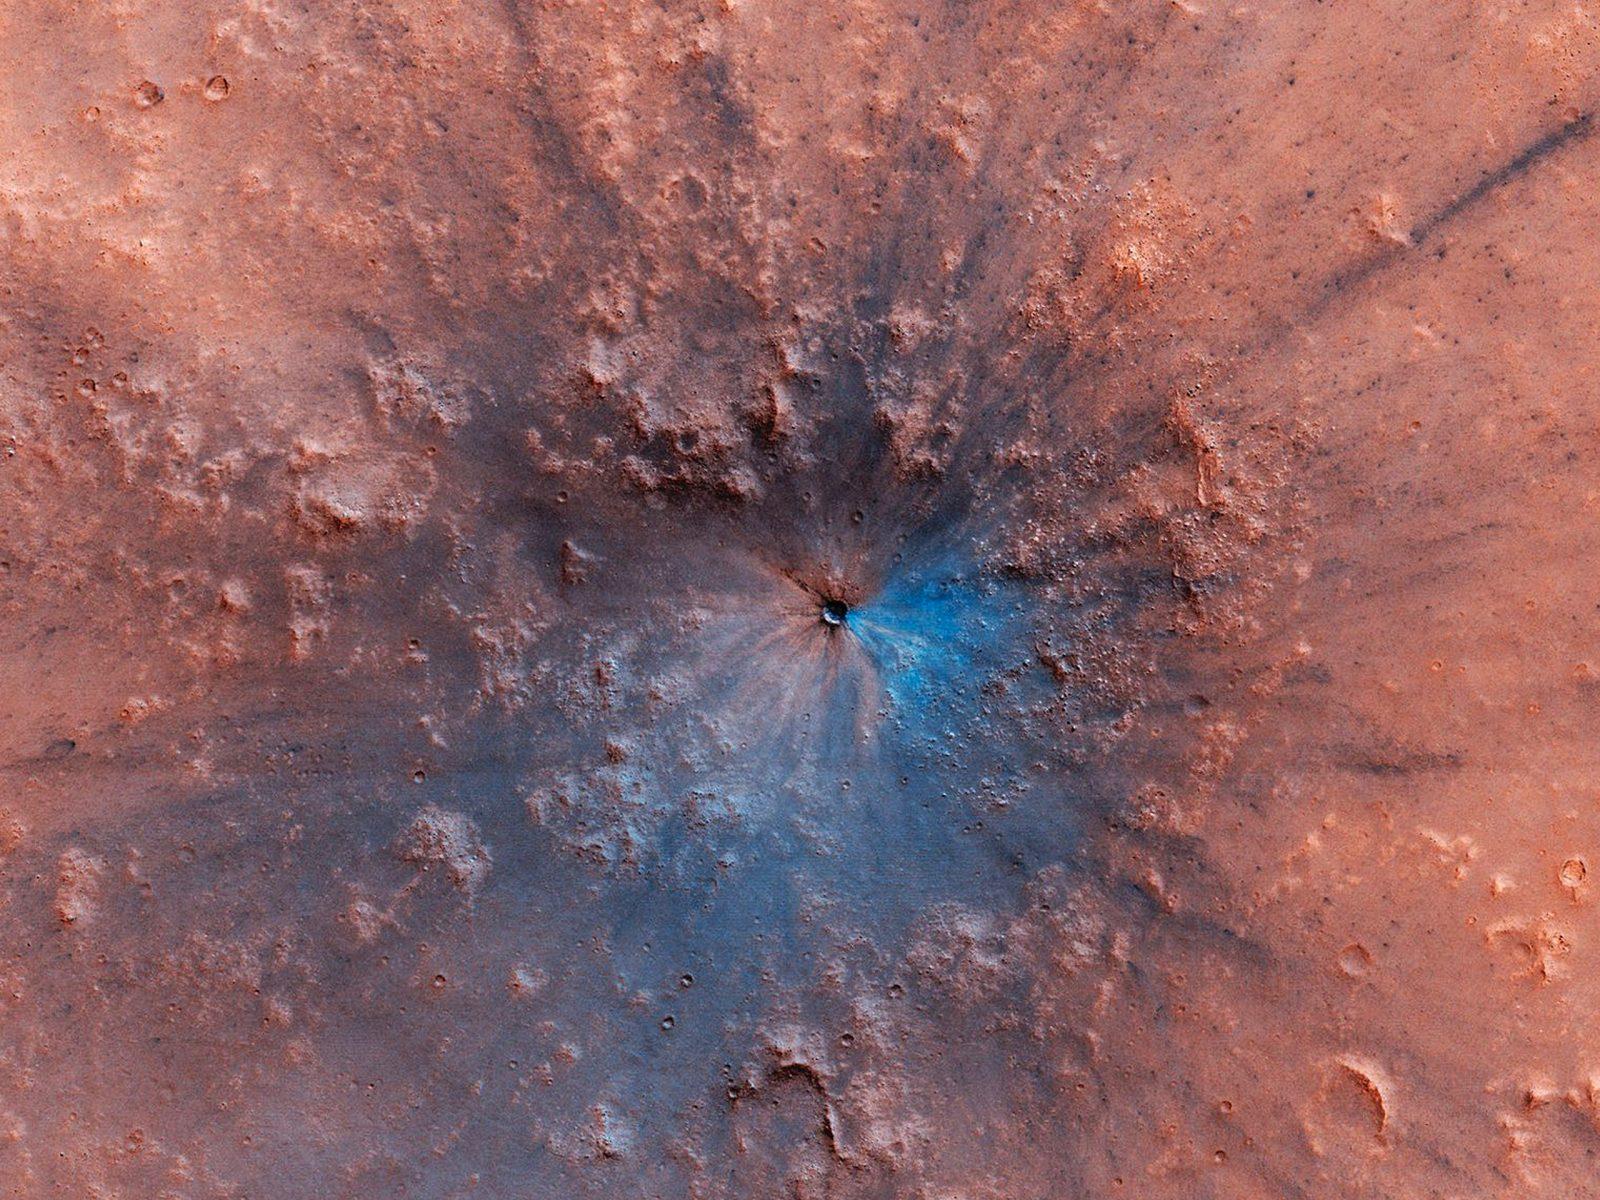 Un cratère intriguant sur Mars dévoilé par la NASA